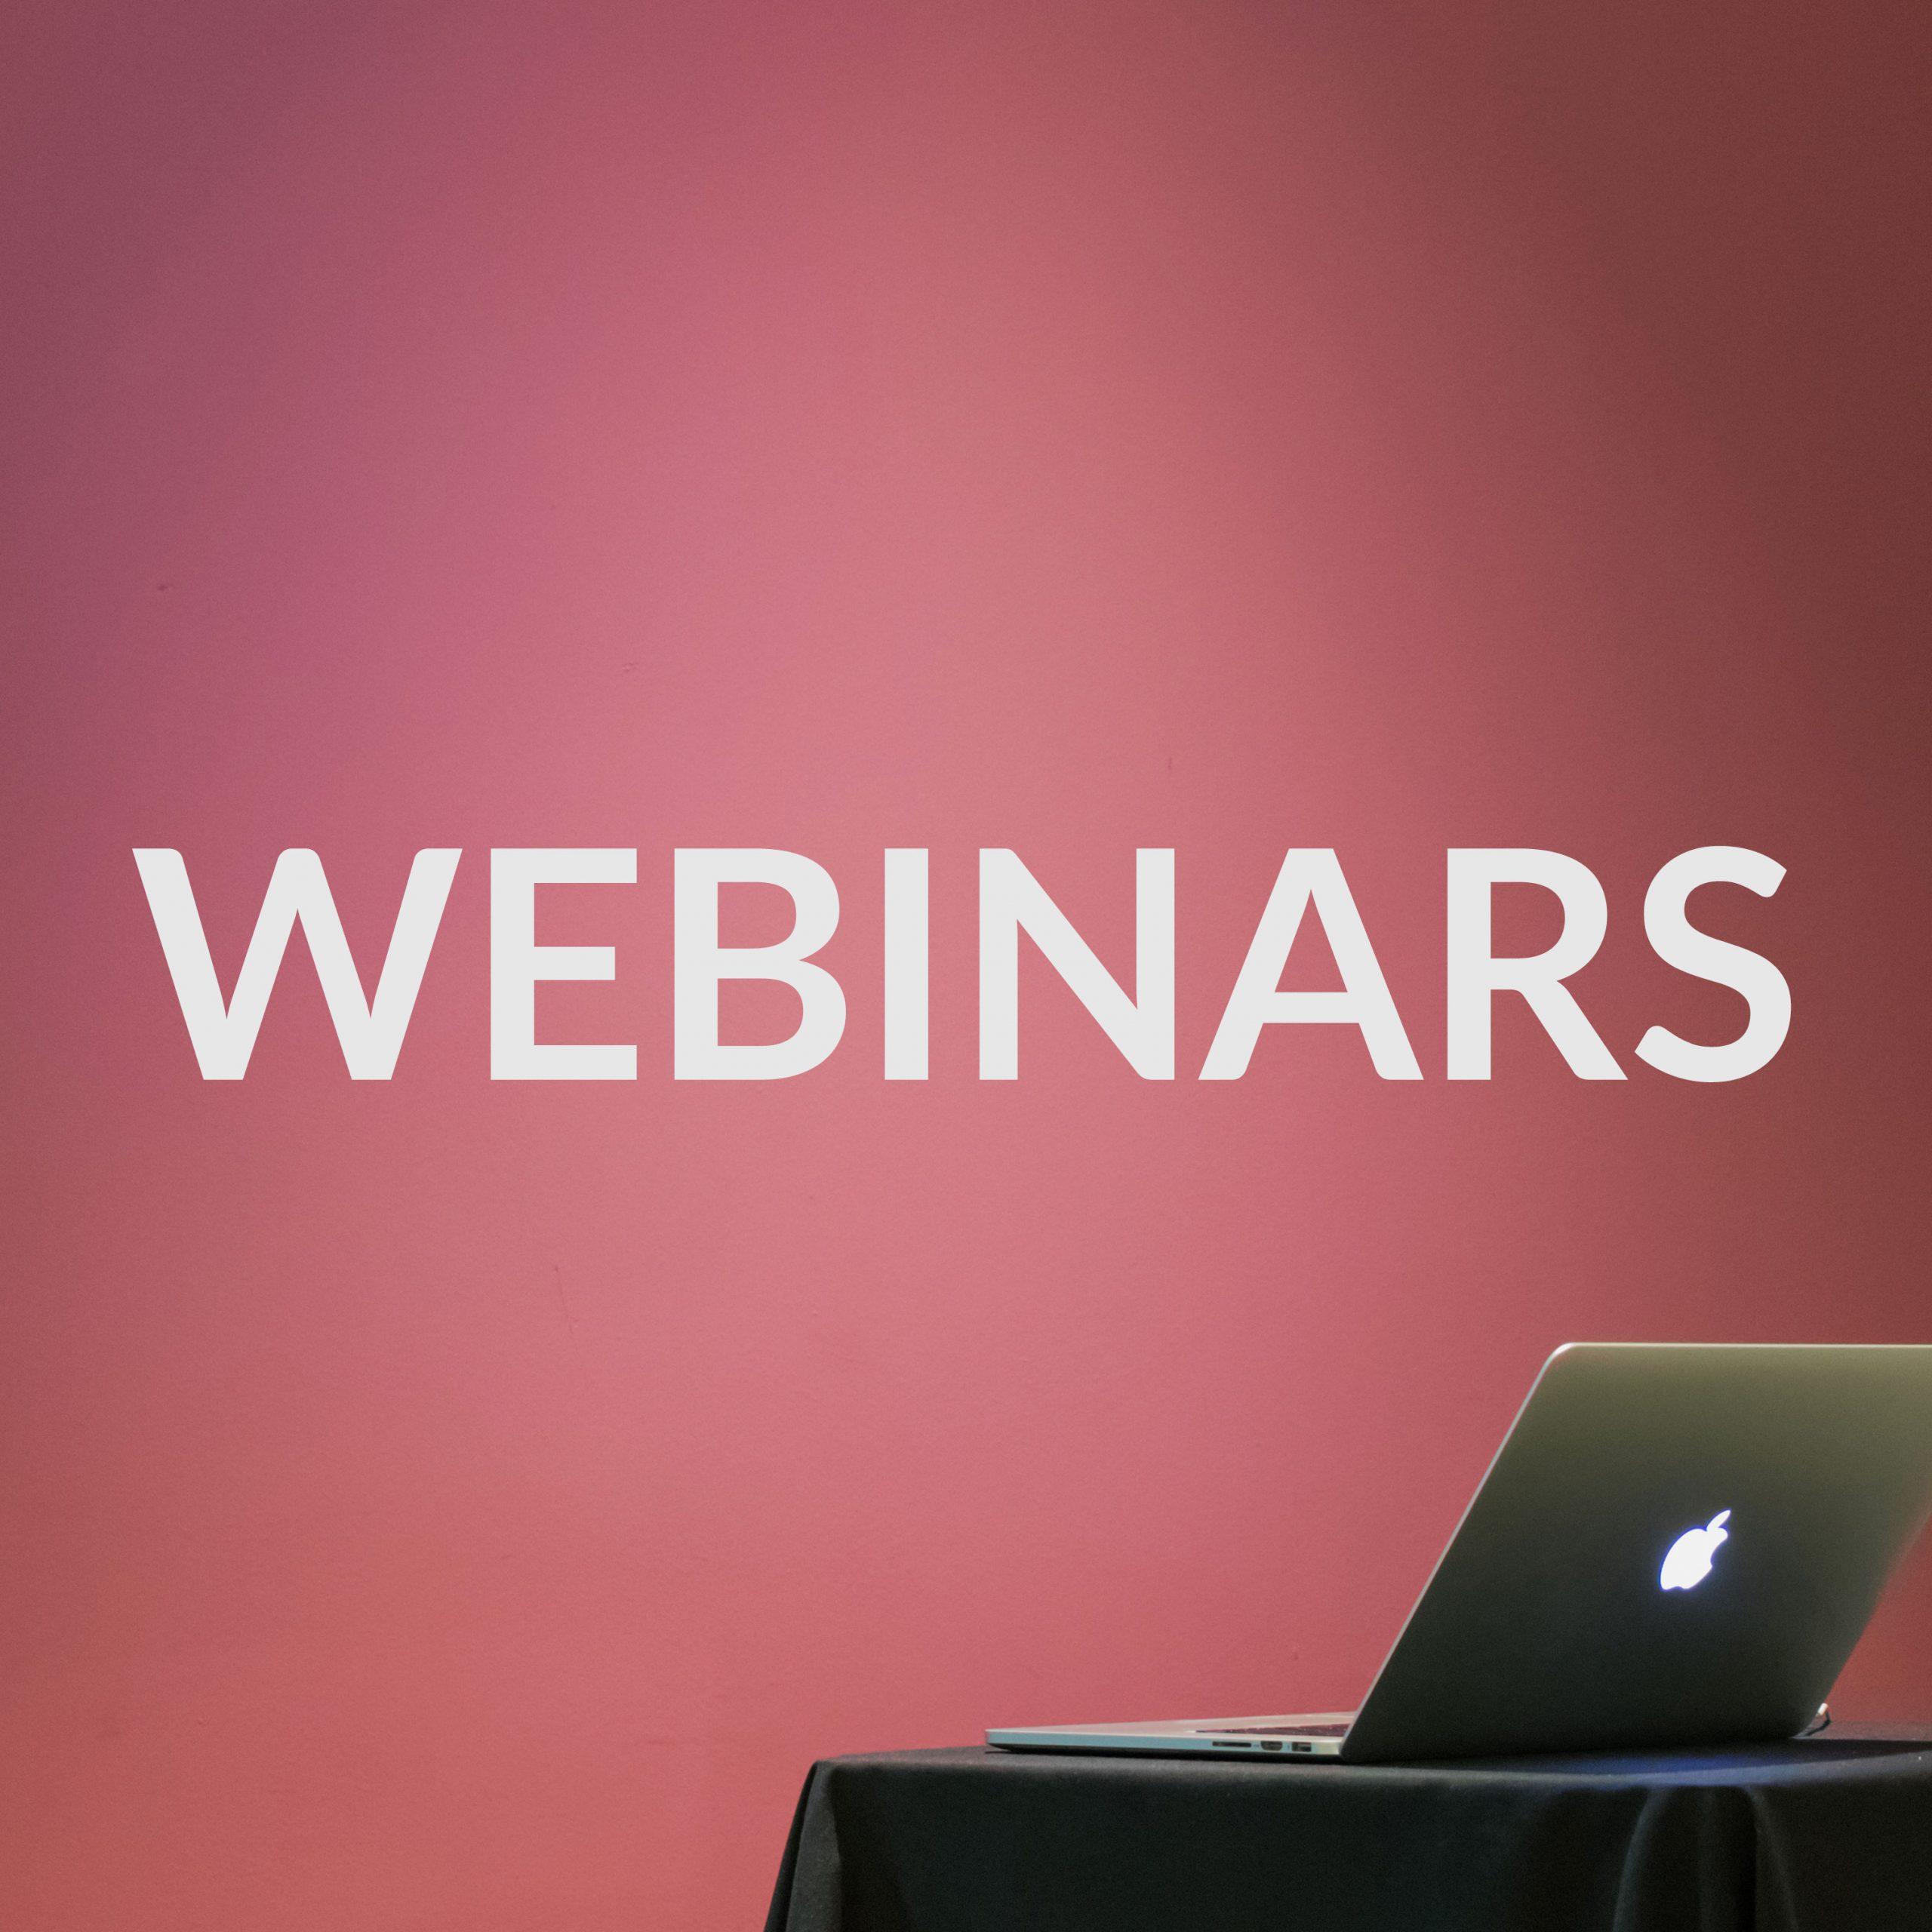 Boka dig på våra webinars om Influencer Marketing